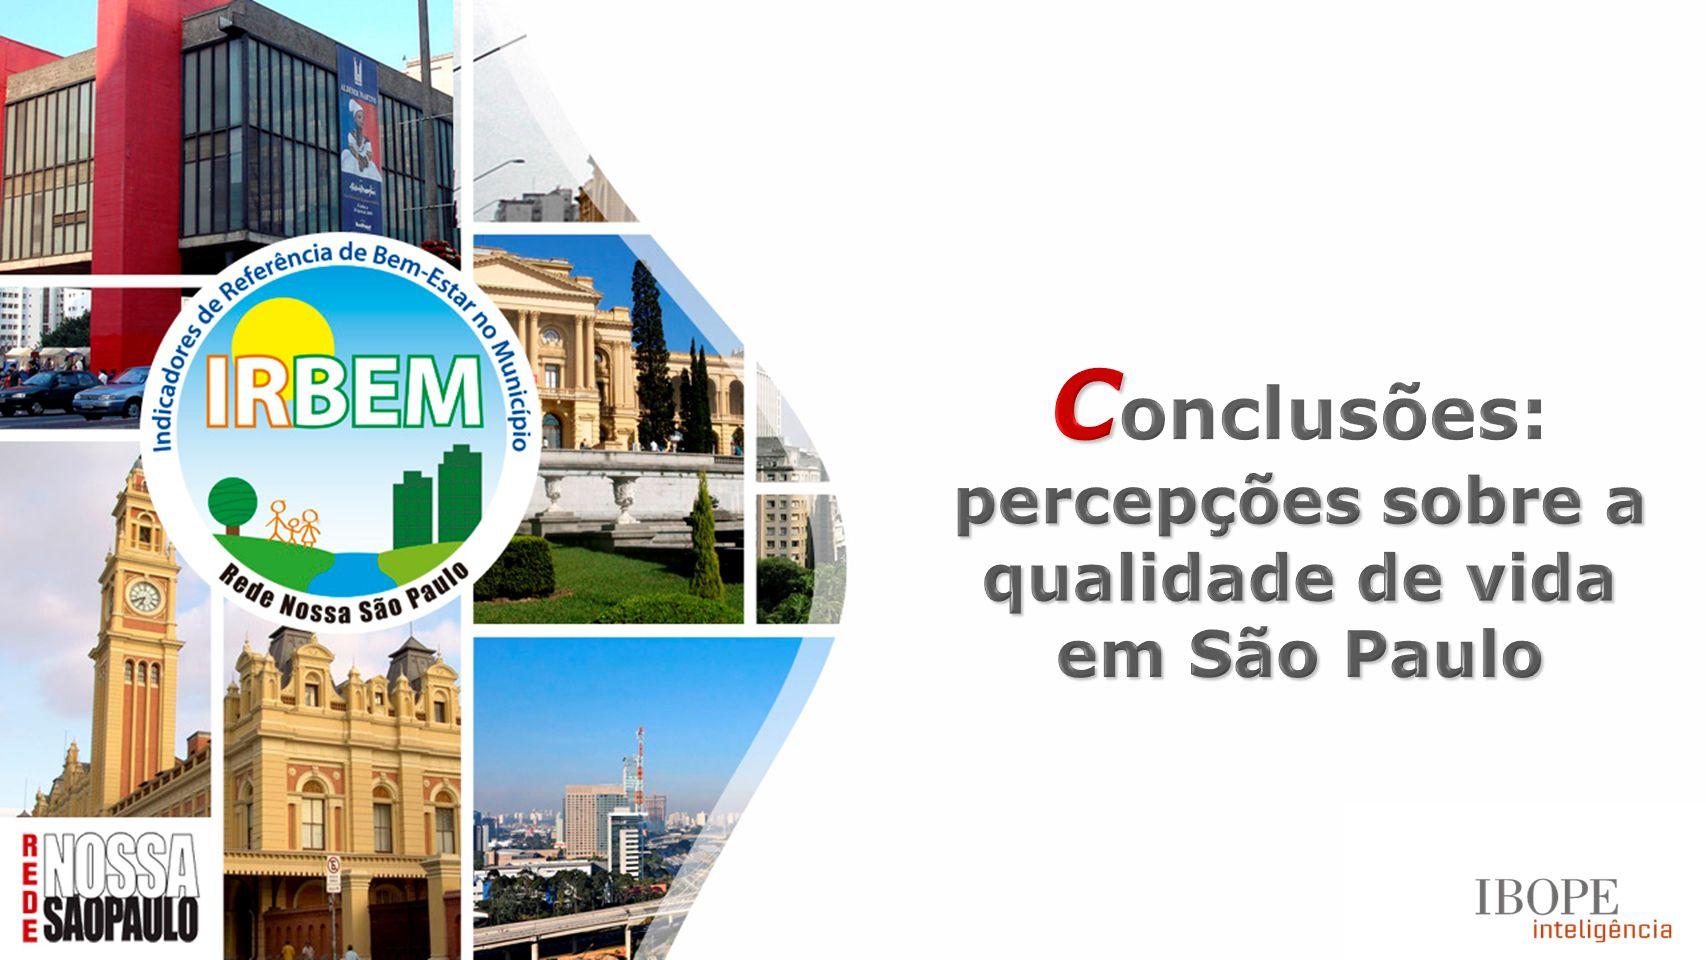 Conclusões: percepções sobre a qualidade de vida em São Paulo